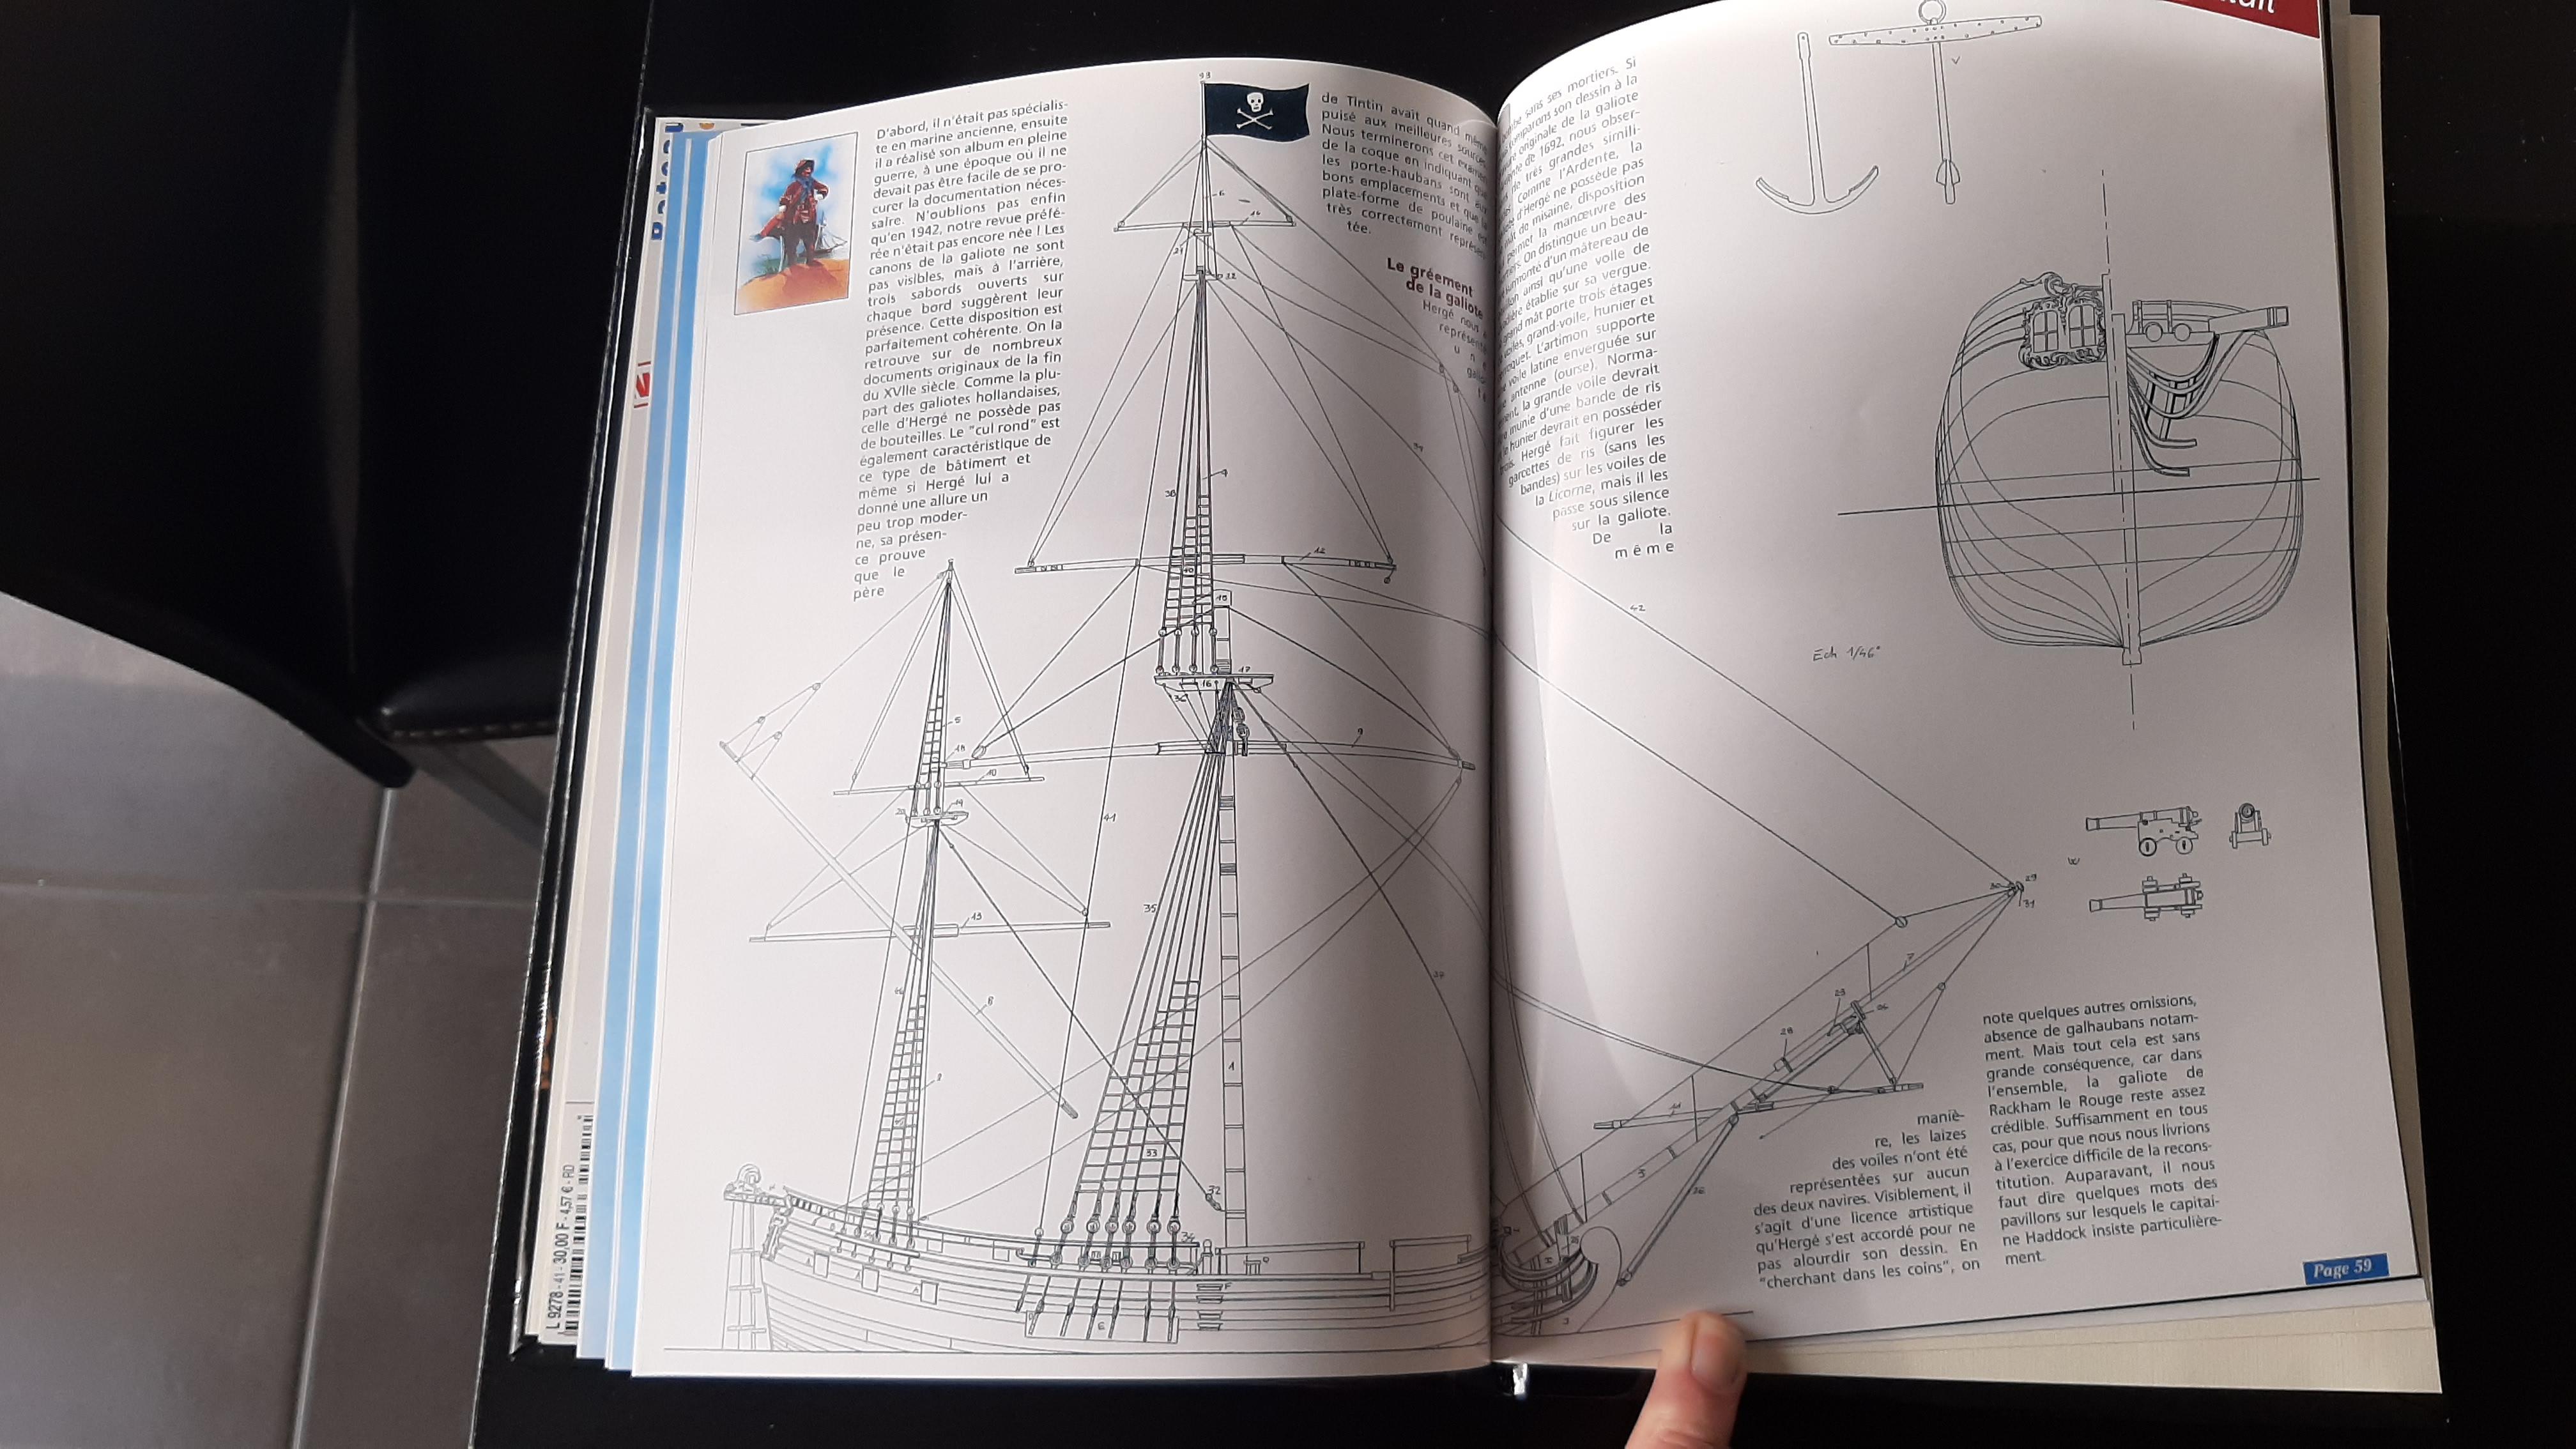 Galiote du pirate Rackham Le Rouge 1/100 (Tintin - le secret de la licorne) 7nob8